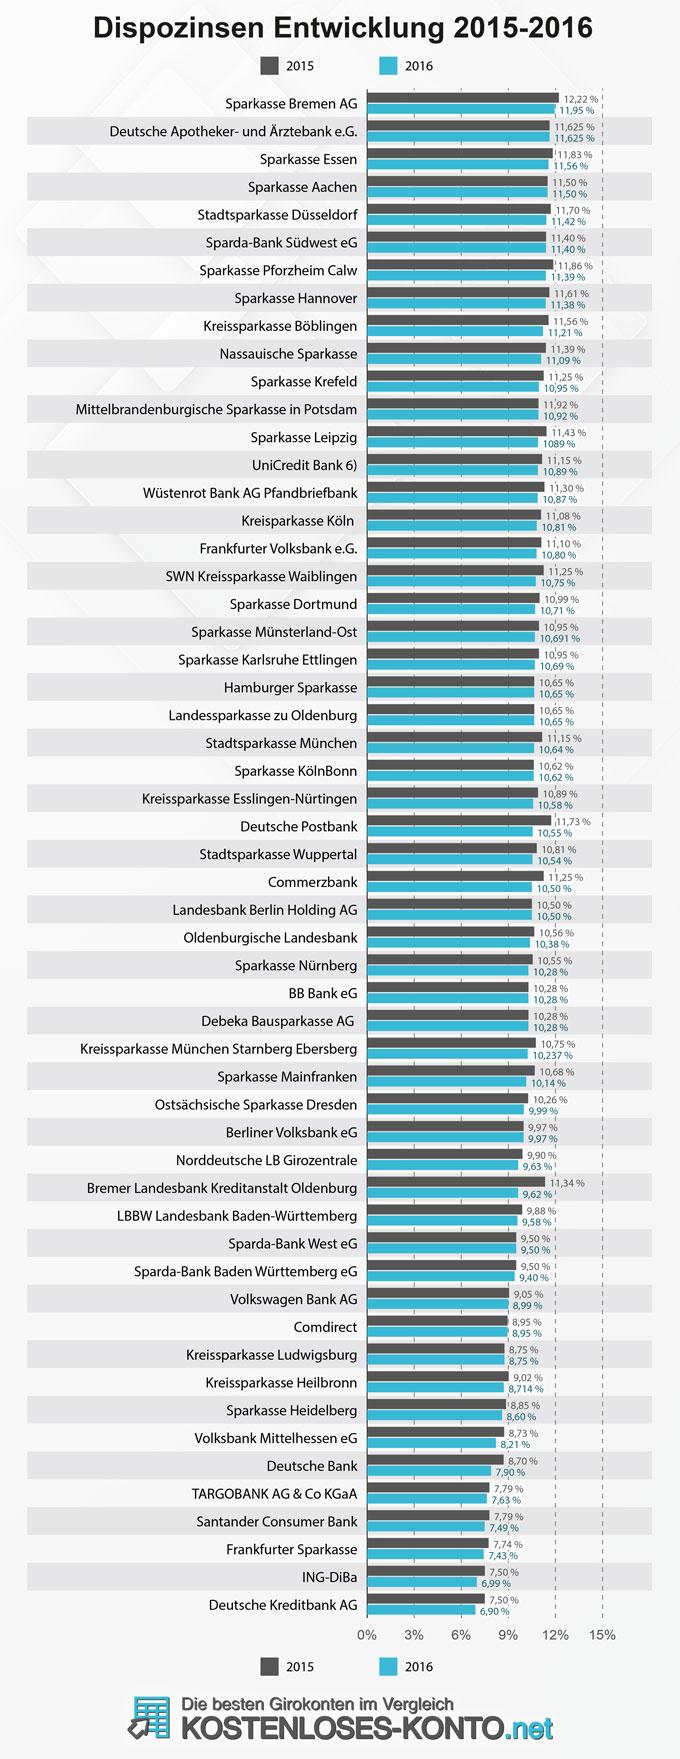 Infografik zur Entwicklung der Dispozinsen 2015-2016